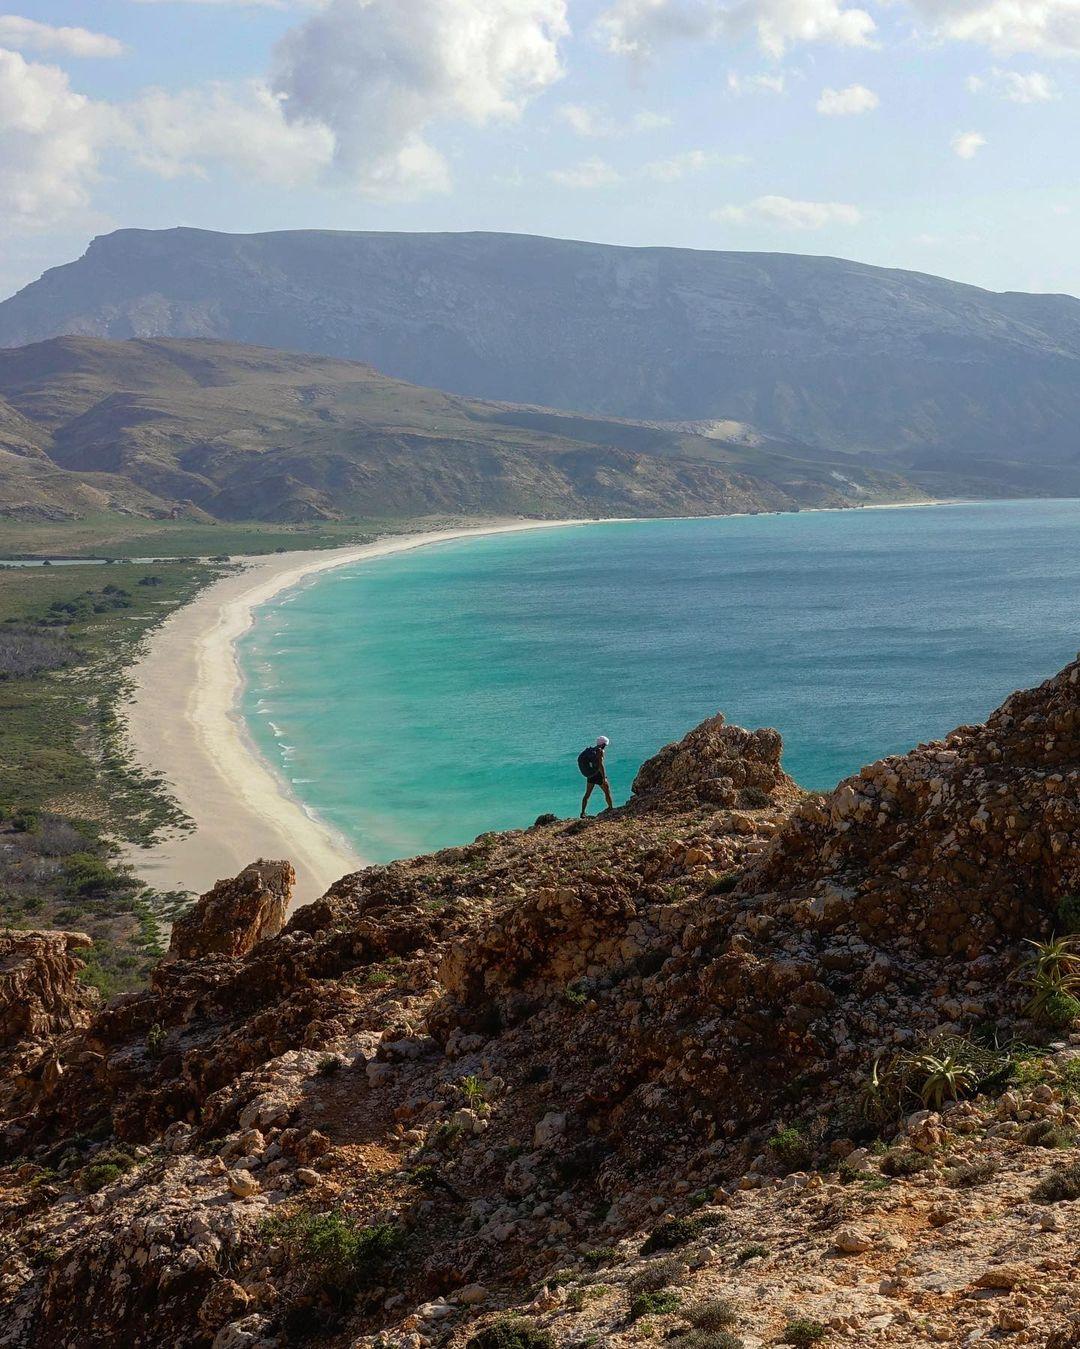 vistas panorámicas de Socotra